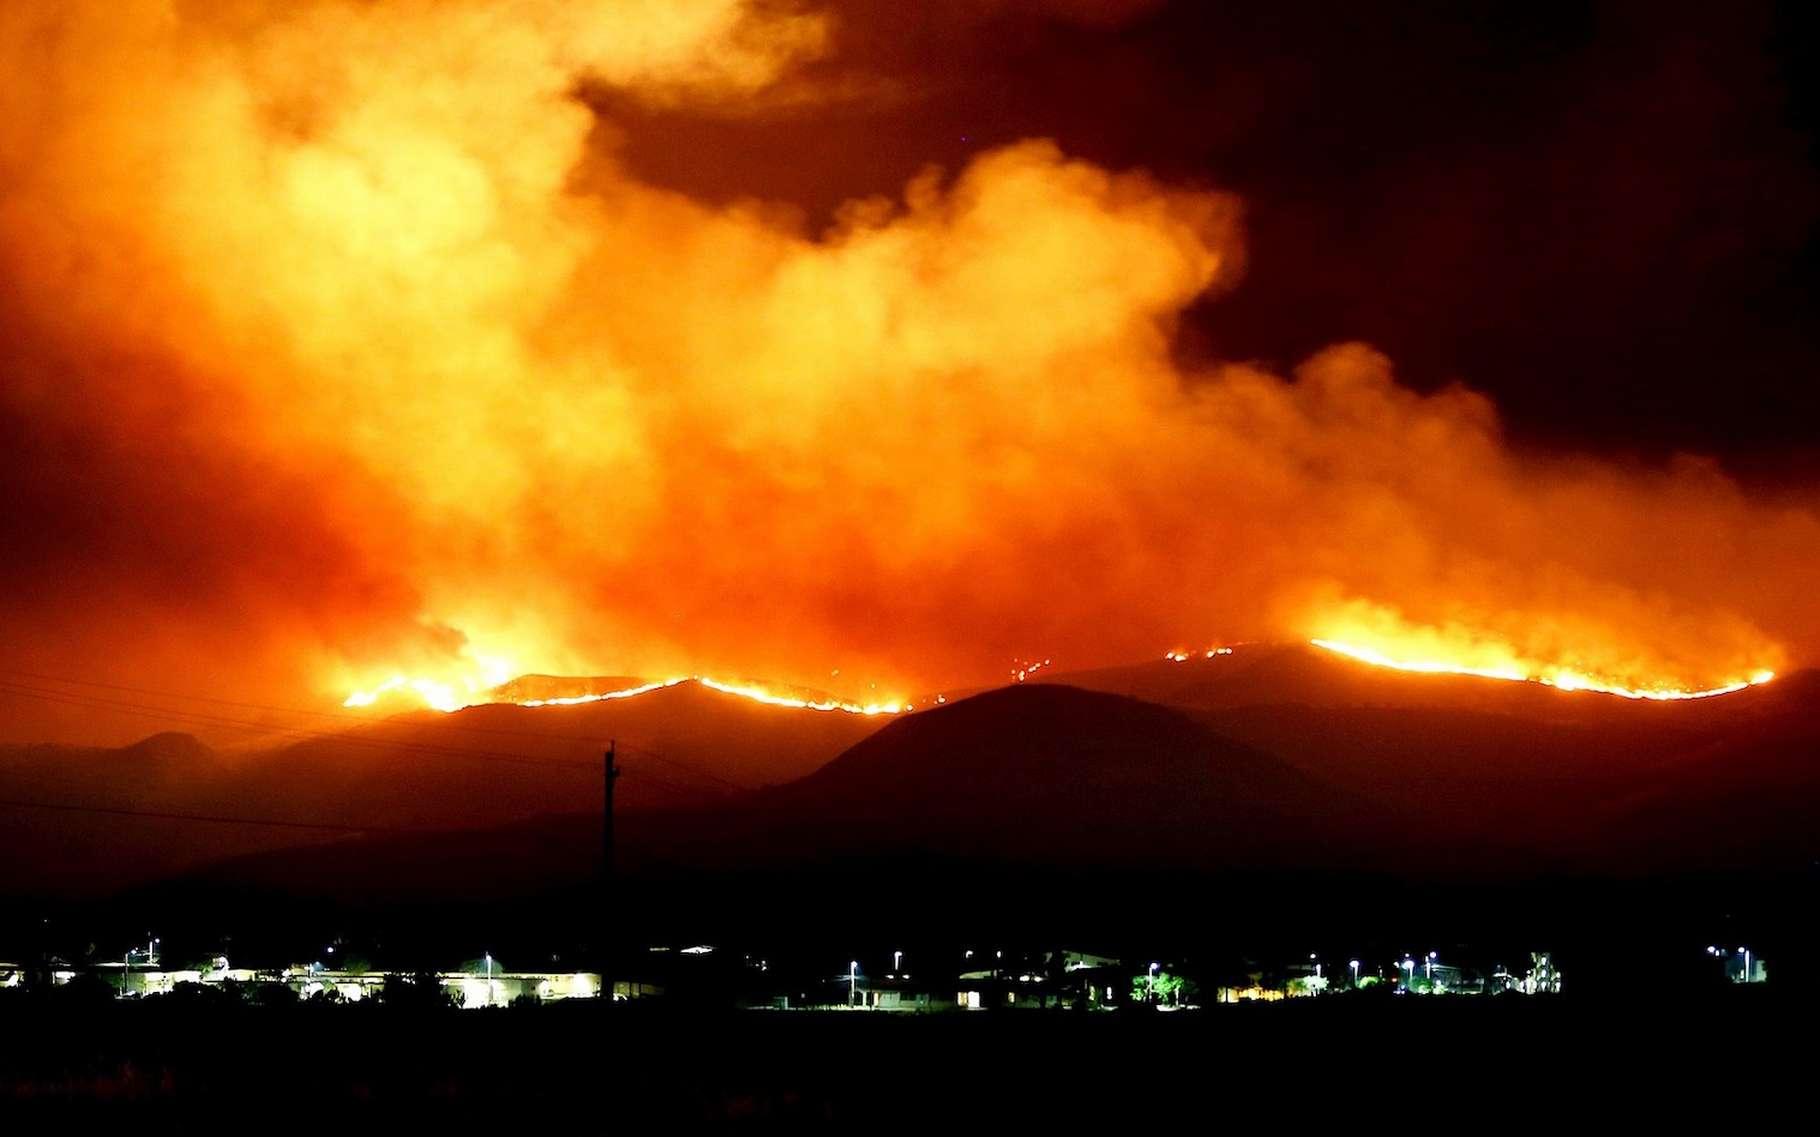 L'an dernier, la Floride a subi une grave sécheresse, des températures record, une centaine d'incendies et l'ouragan Michael. Les phénomènes climatiques extrêmes se multiplient et selon une étude, ils pourraient devenir simultanés et causer ainsi encore plus de dommages. © skeeze, Pixabay, CC0 Creative Commons